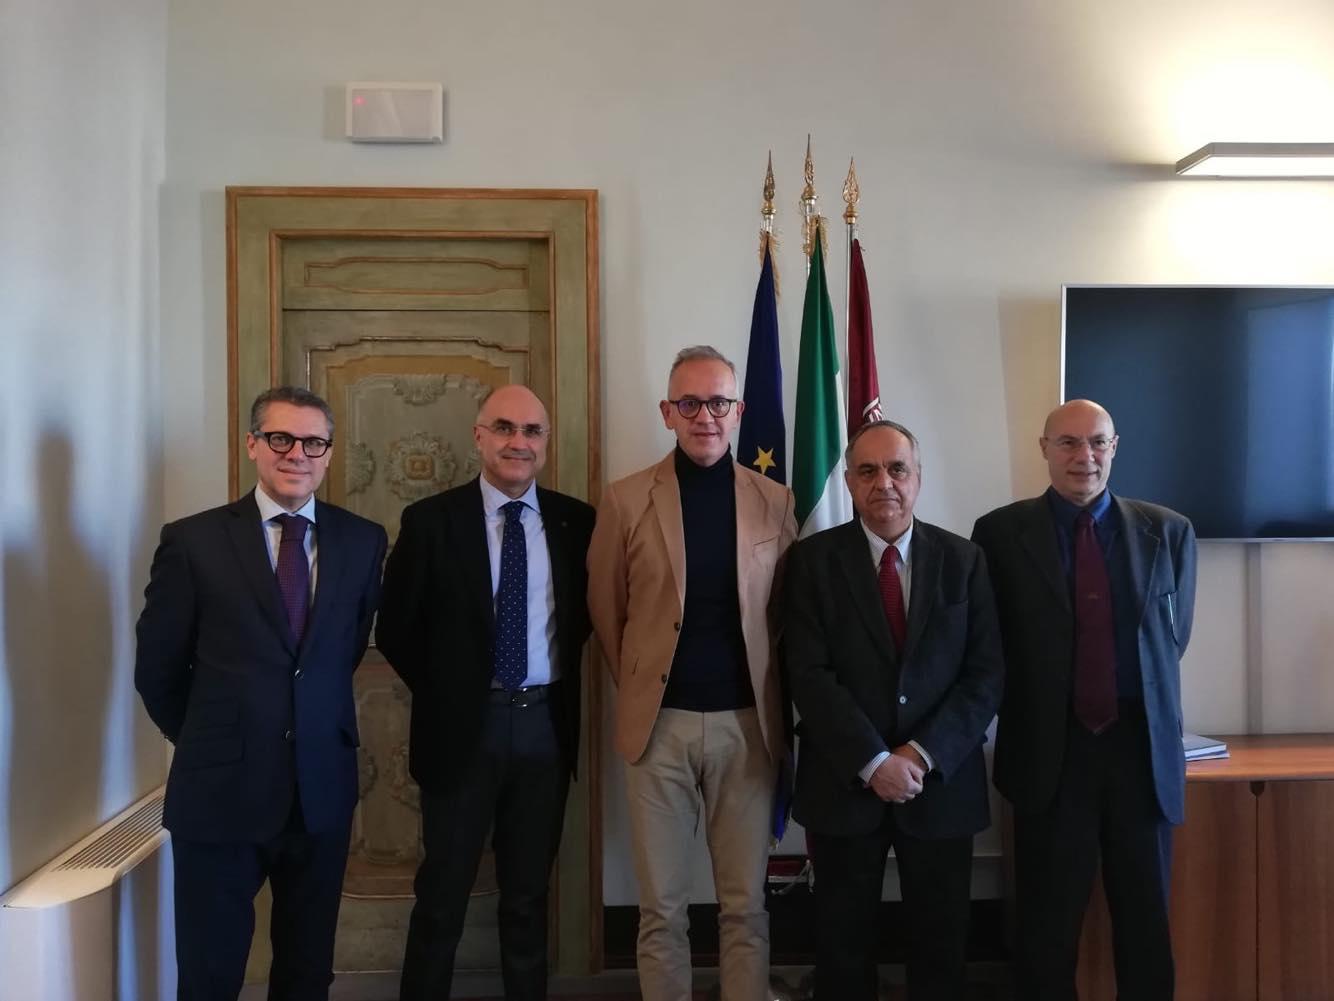 Civitanova Marche e UniMc, prende forma il progetto di ateneo diffuso